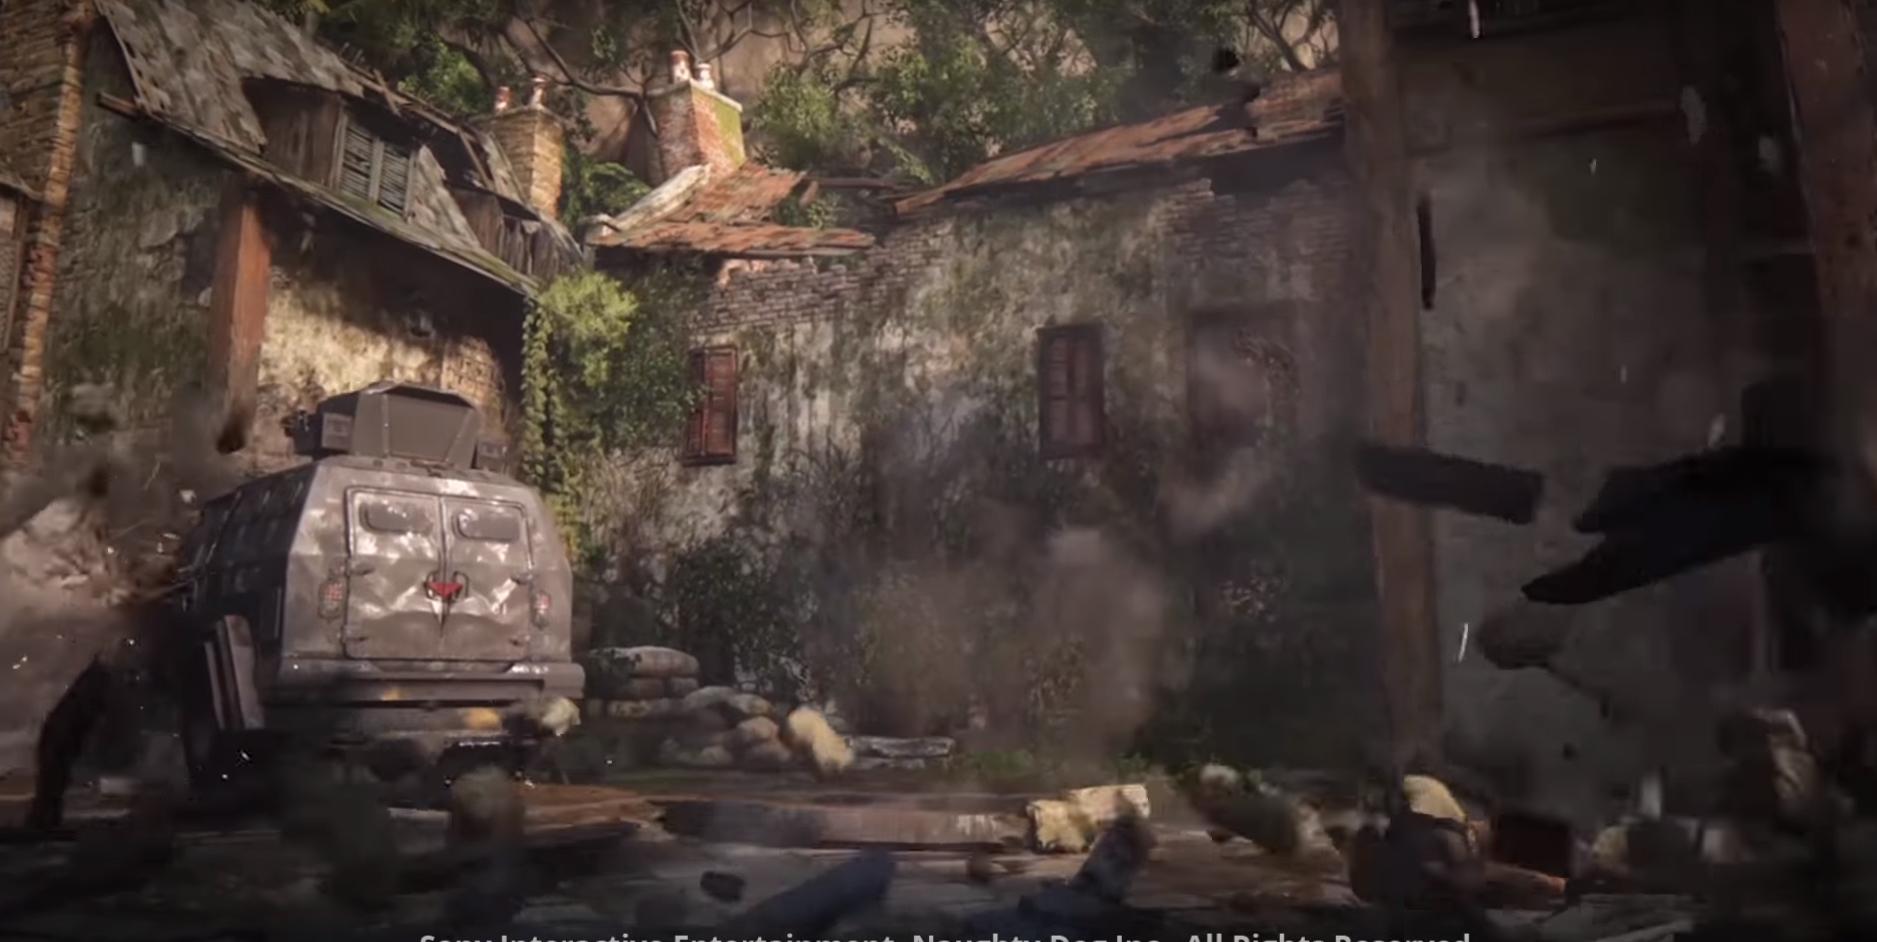 UE4游戏环境场景特效制作流程大师级视频教程